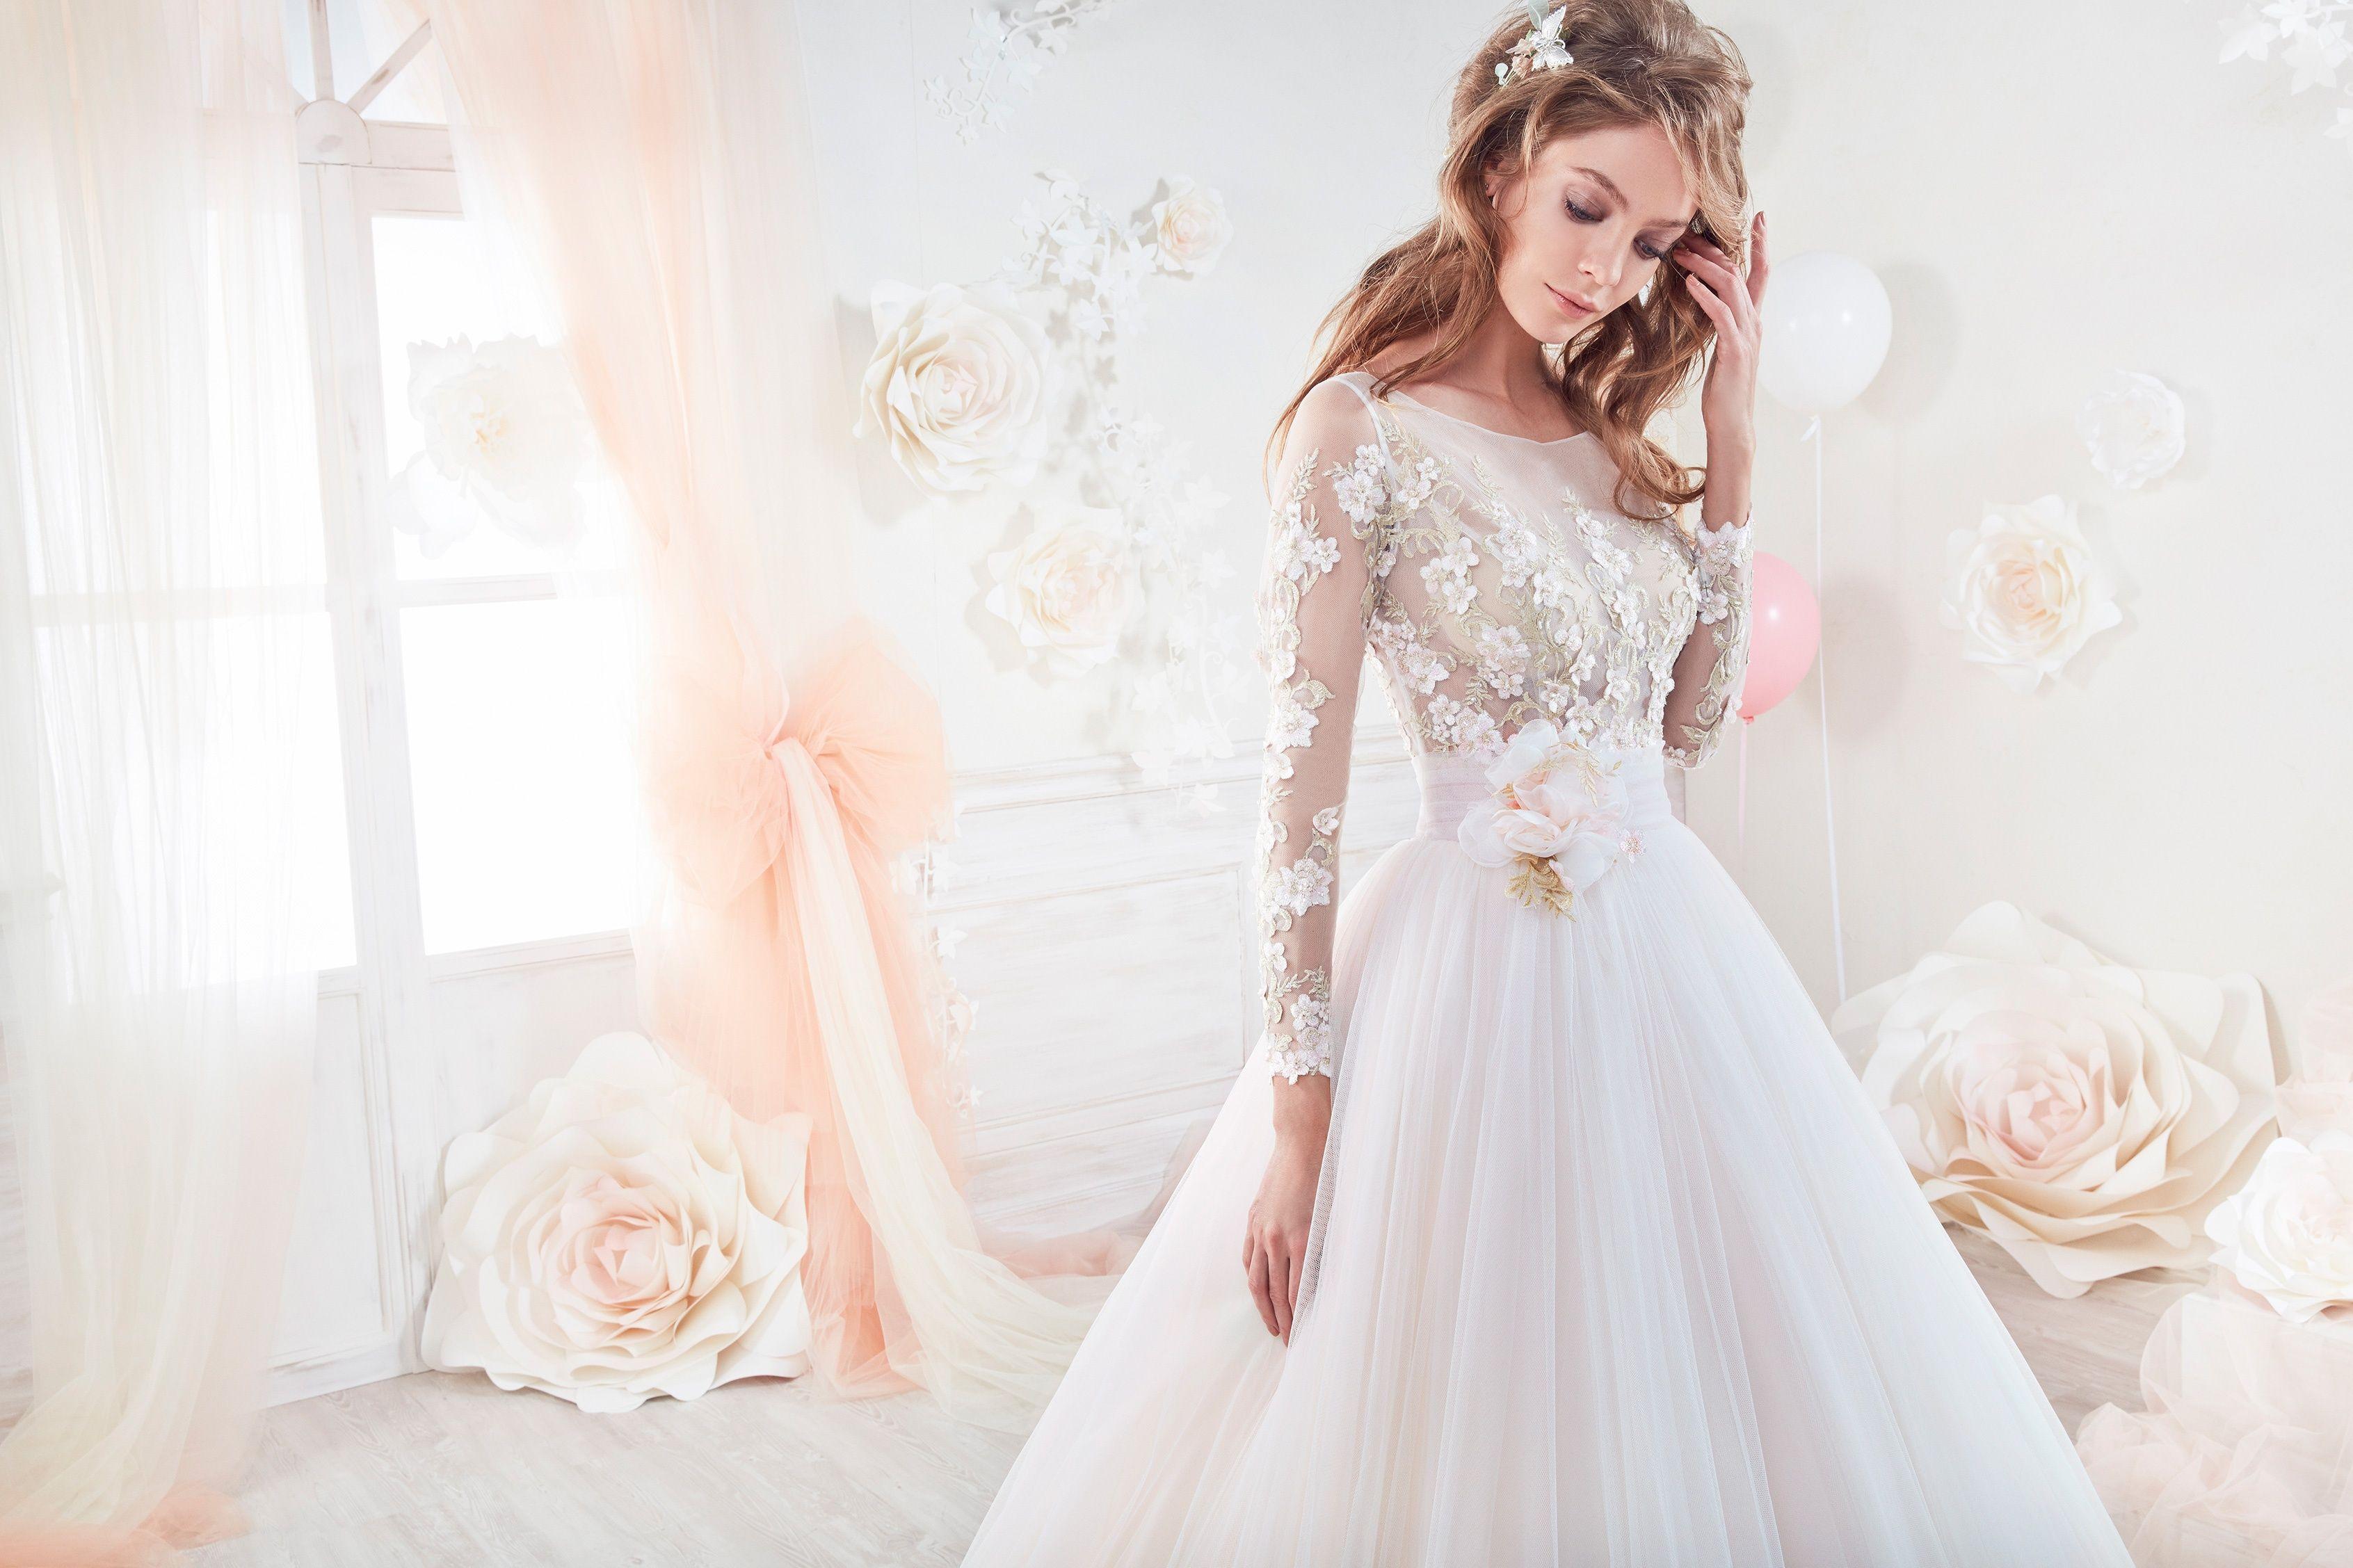 Pink and ivory wedding dress  nicolesposeCOABColetmodasposag